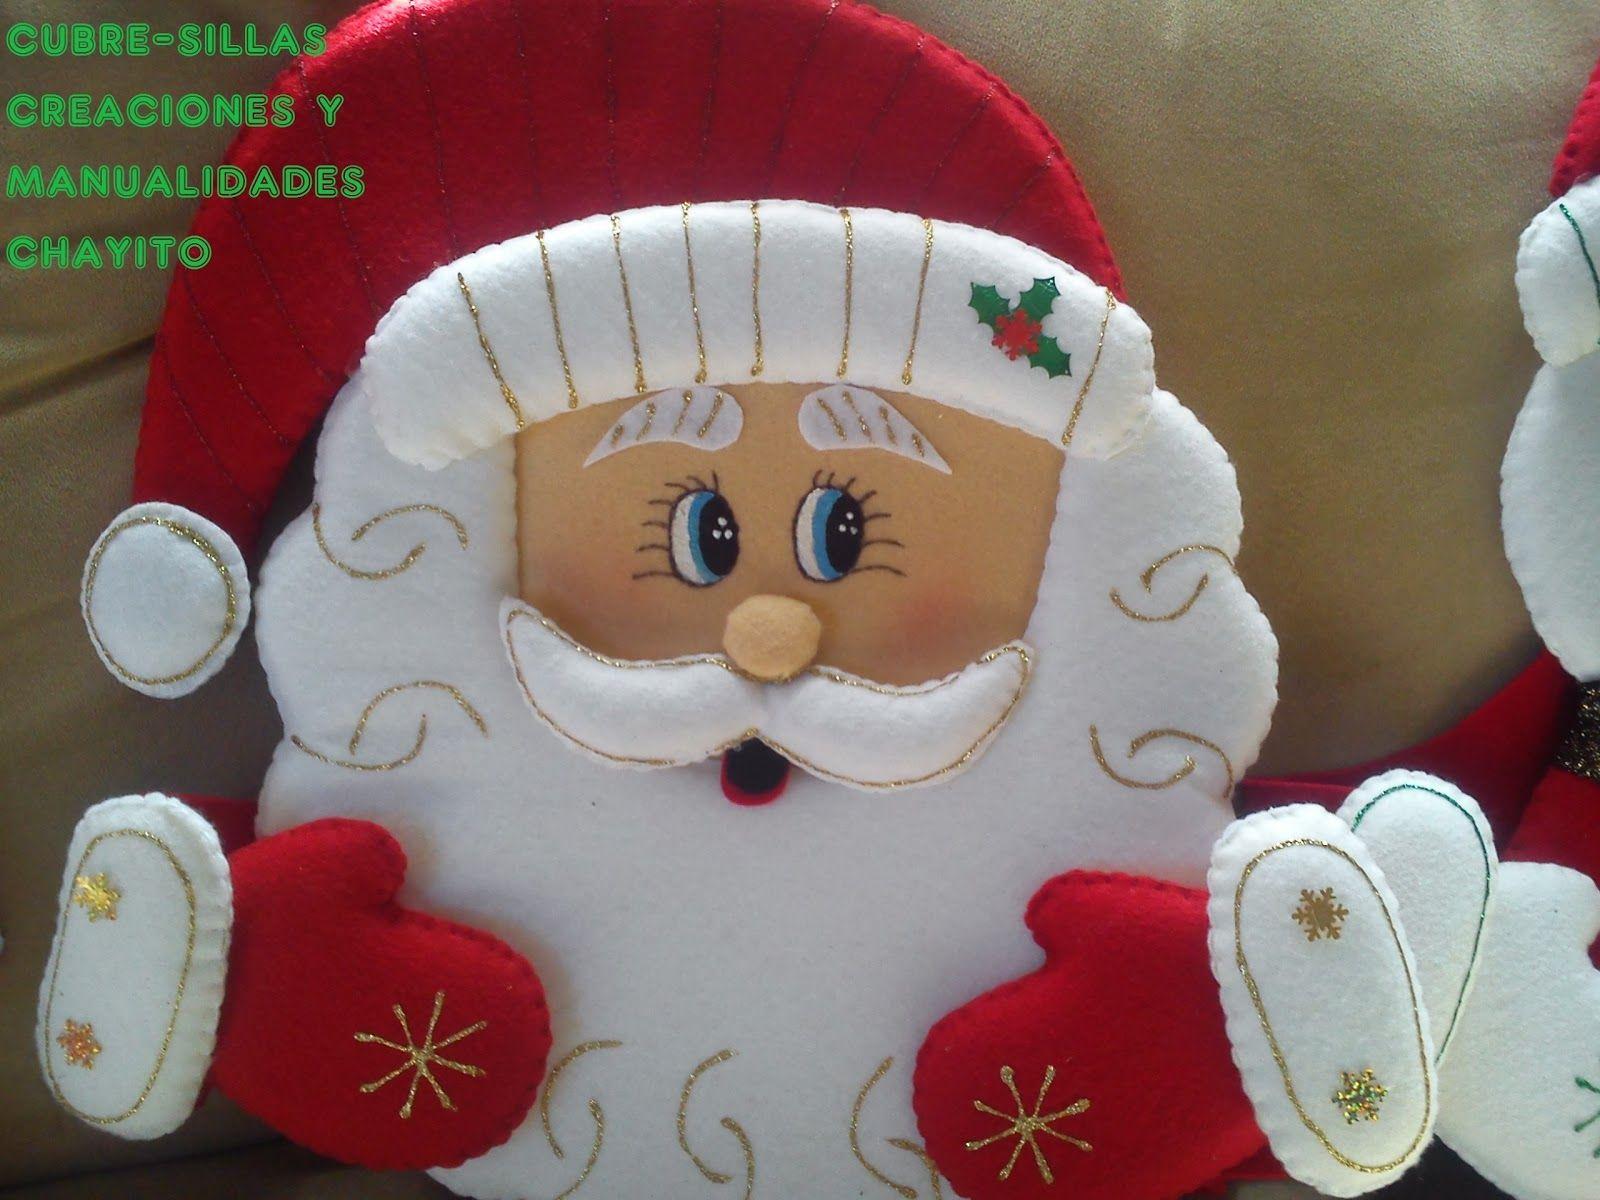 Creaciones y manualidades chayito diciembre 2013 for Manualidades para diciembre